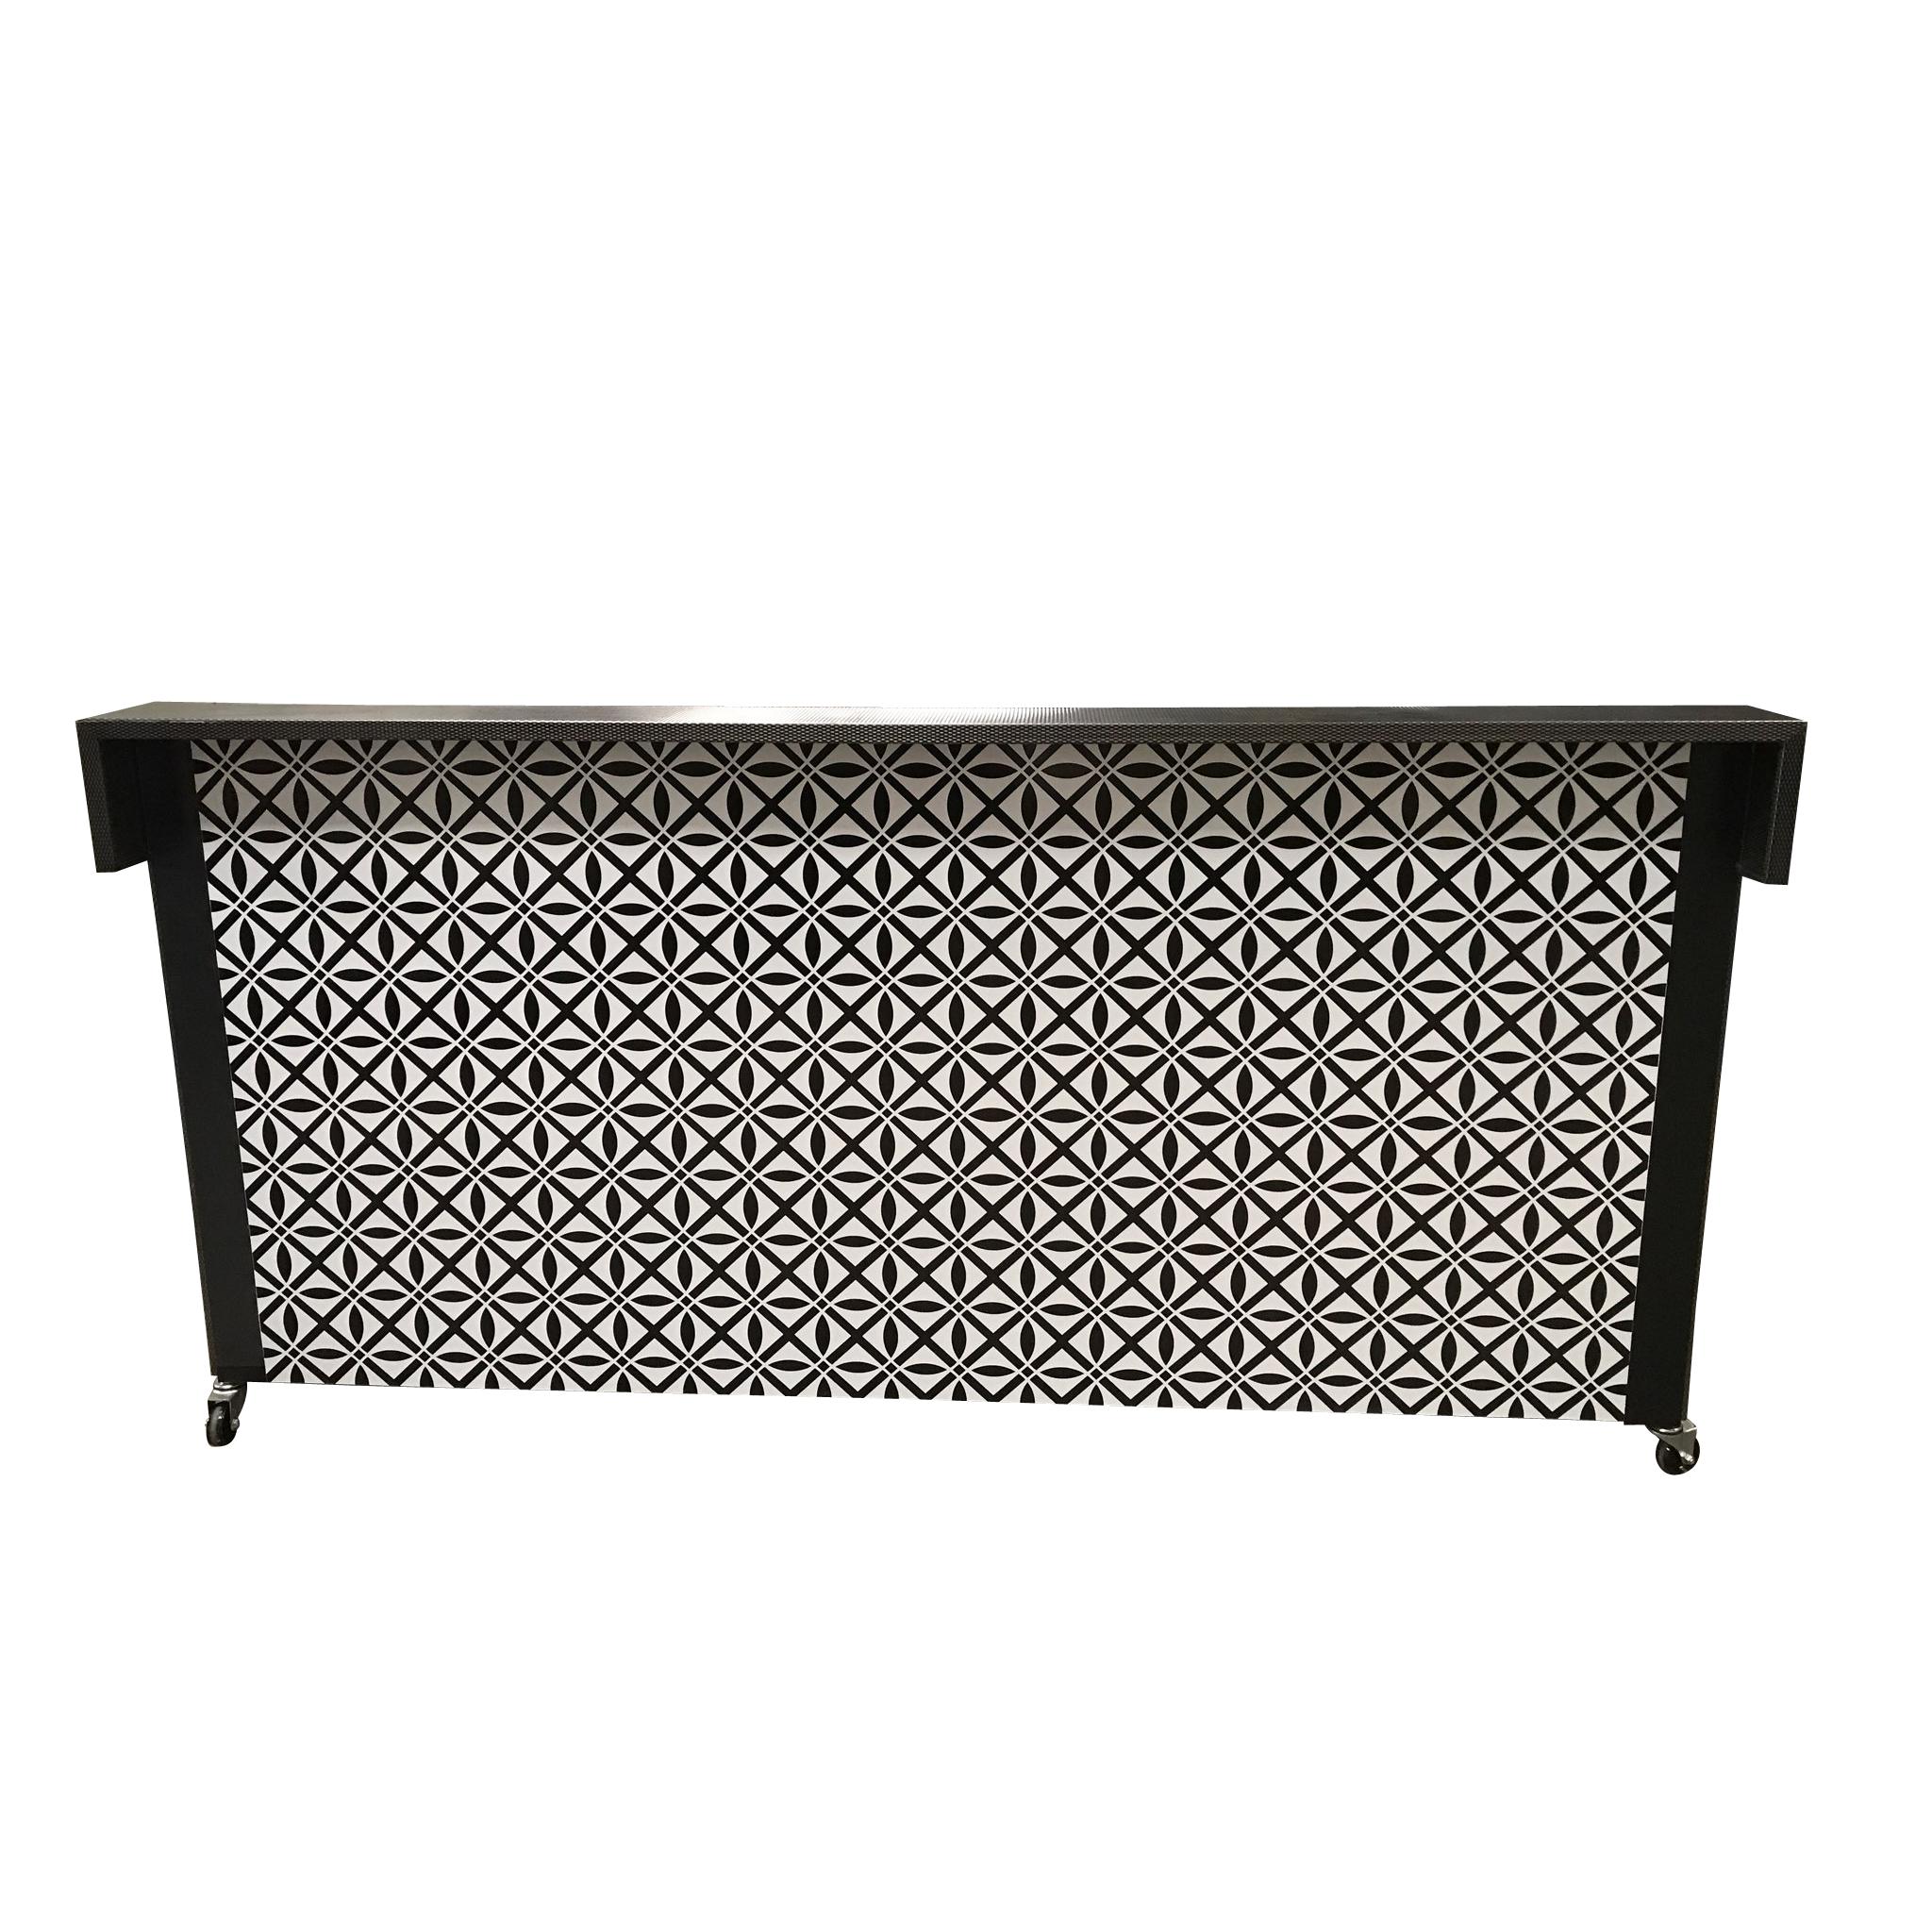 Portable Bar - $230.00